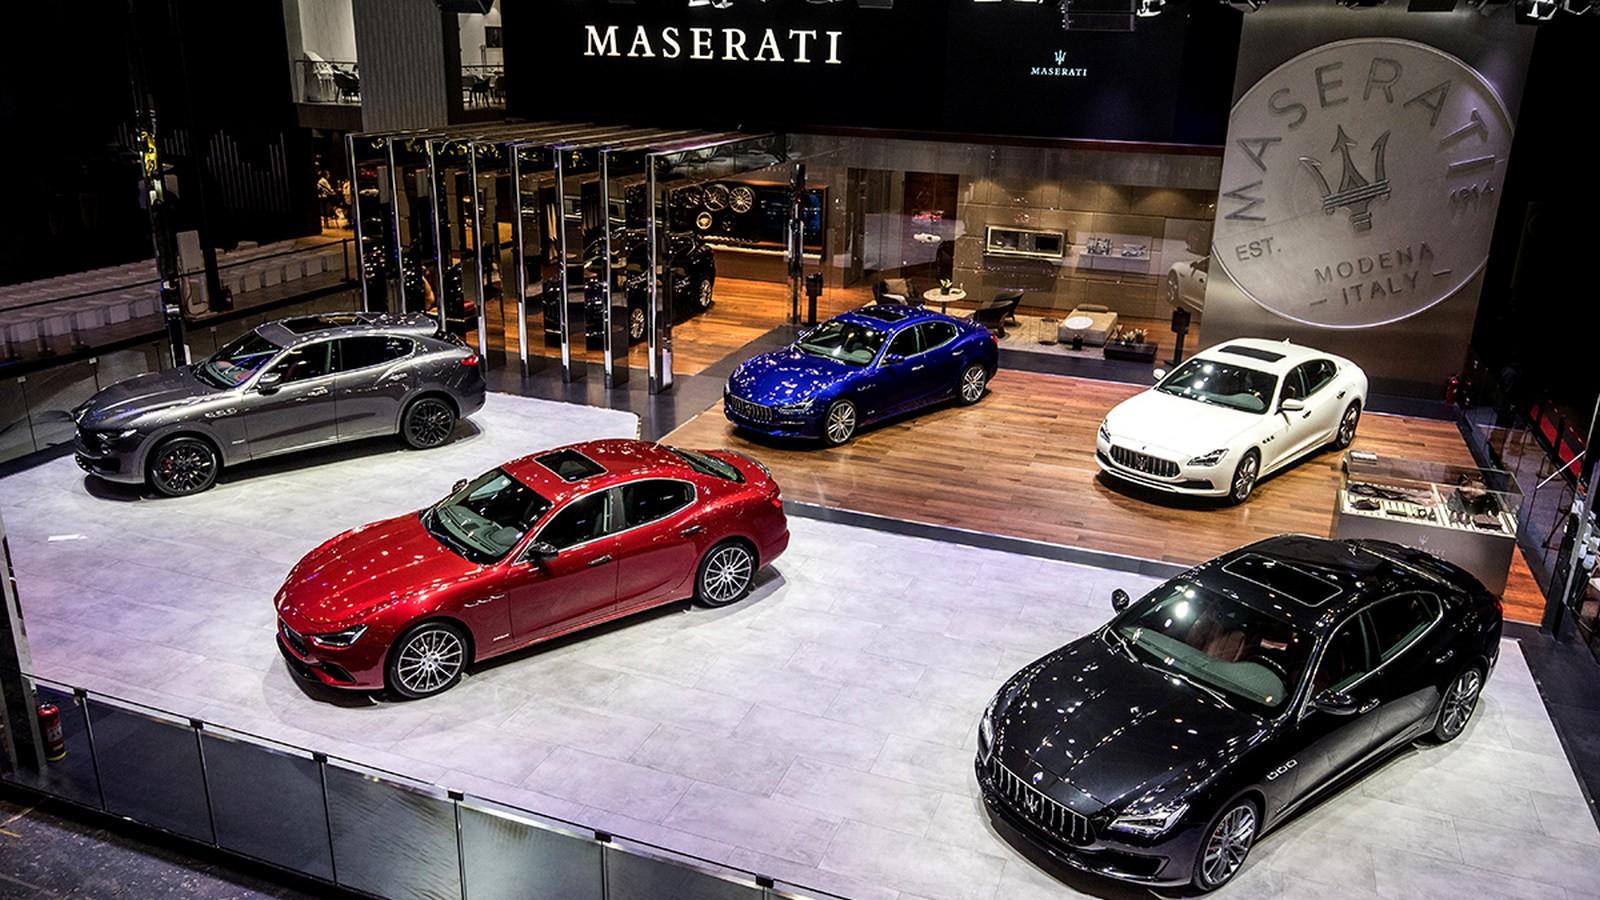 Maserati stand at Auto China 2018